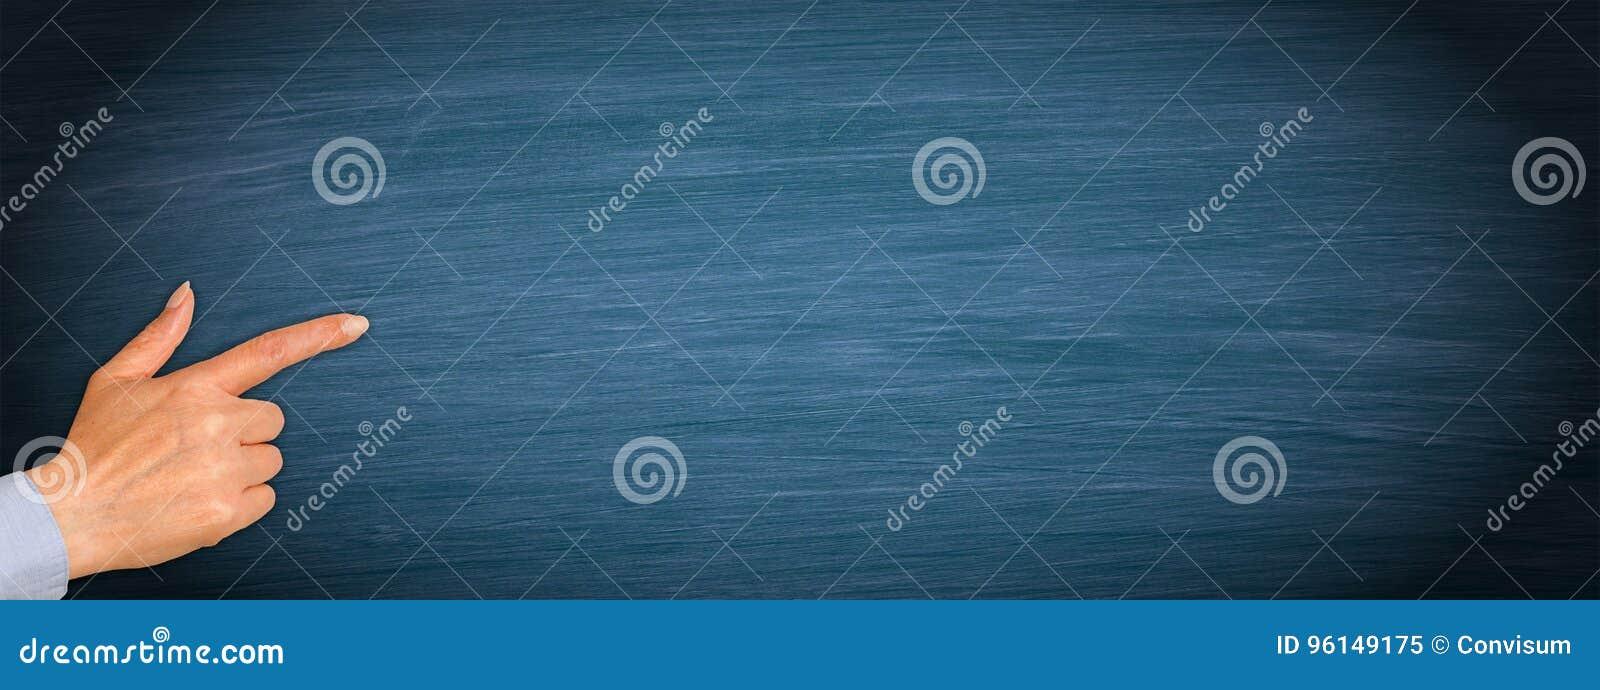 Ręka z palcem wskazującym na pustym błękitnym chalkboard tle